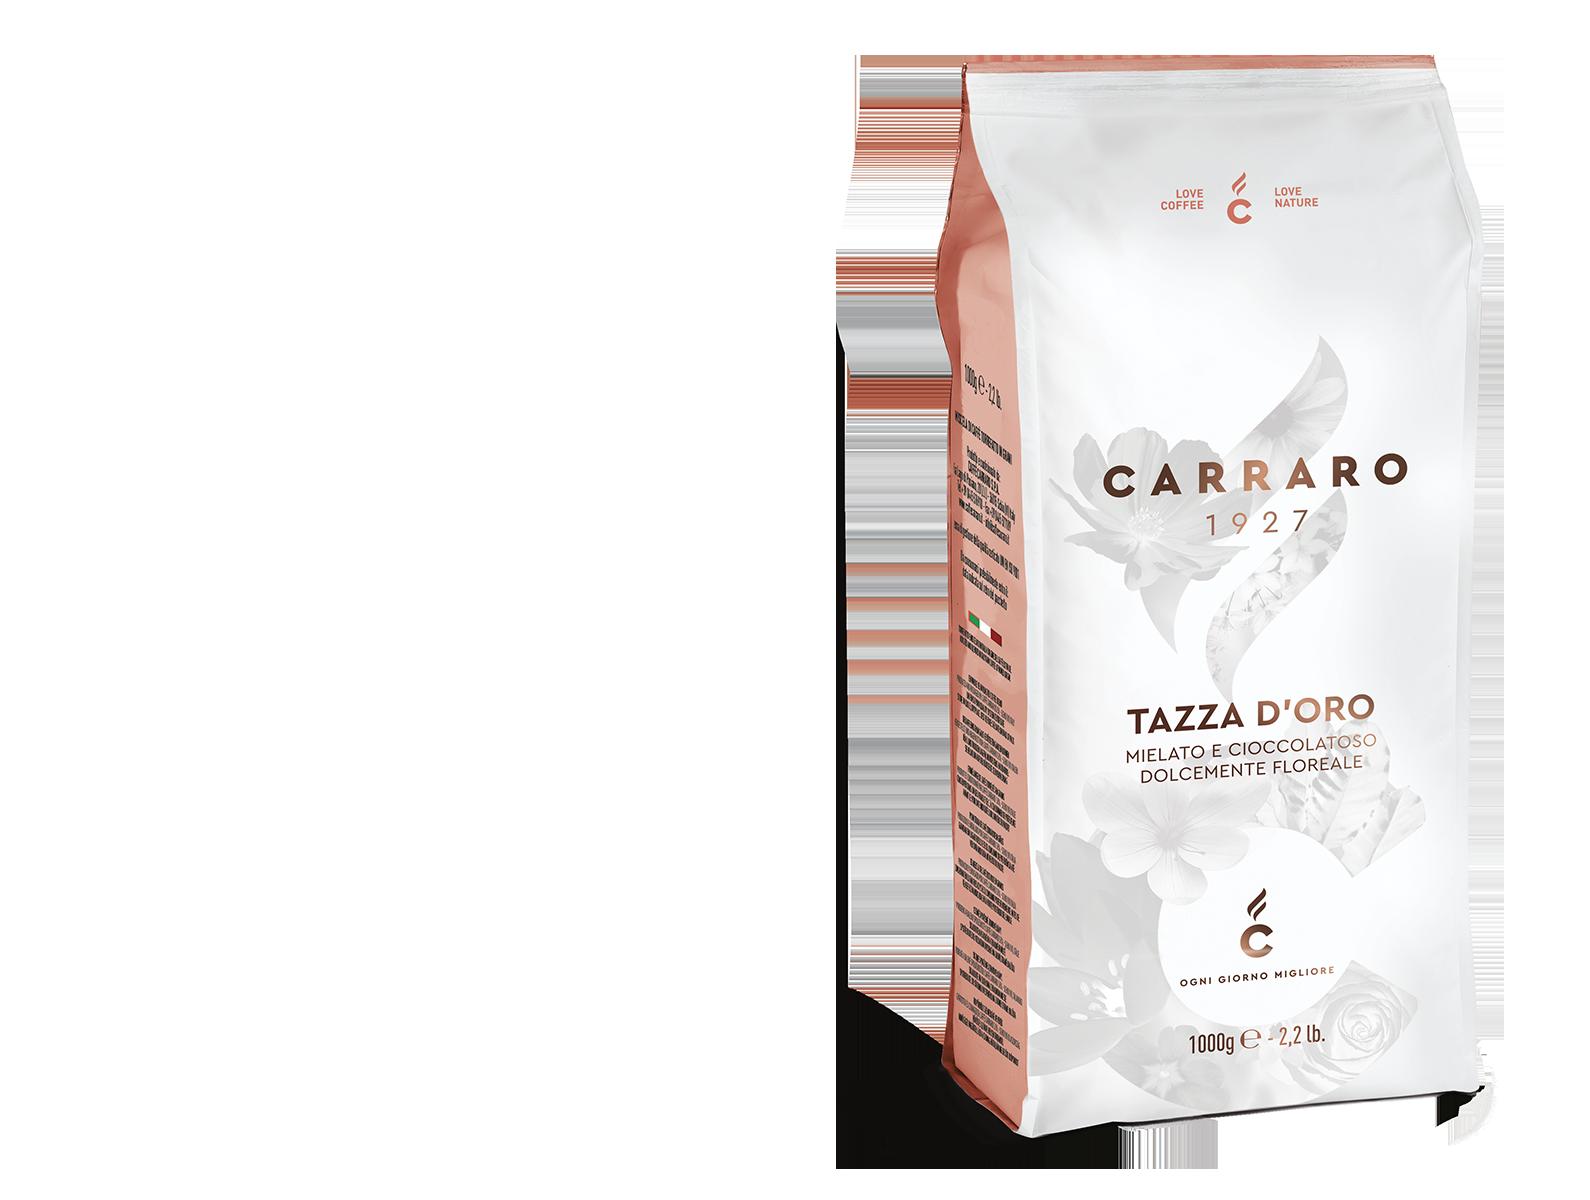 dett__0139_Carraro_1000g_horeca-premium_tazza-doro